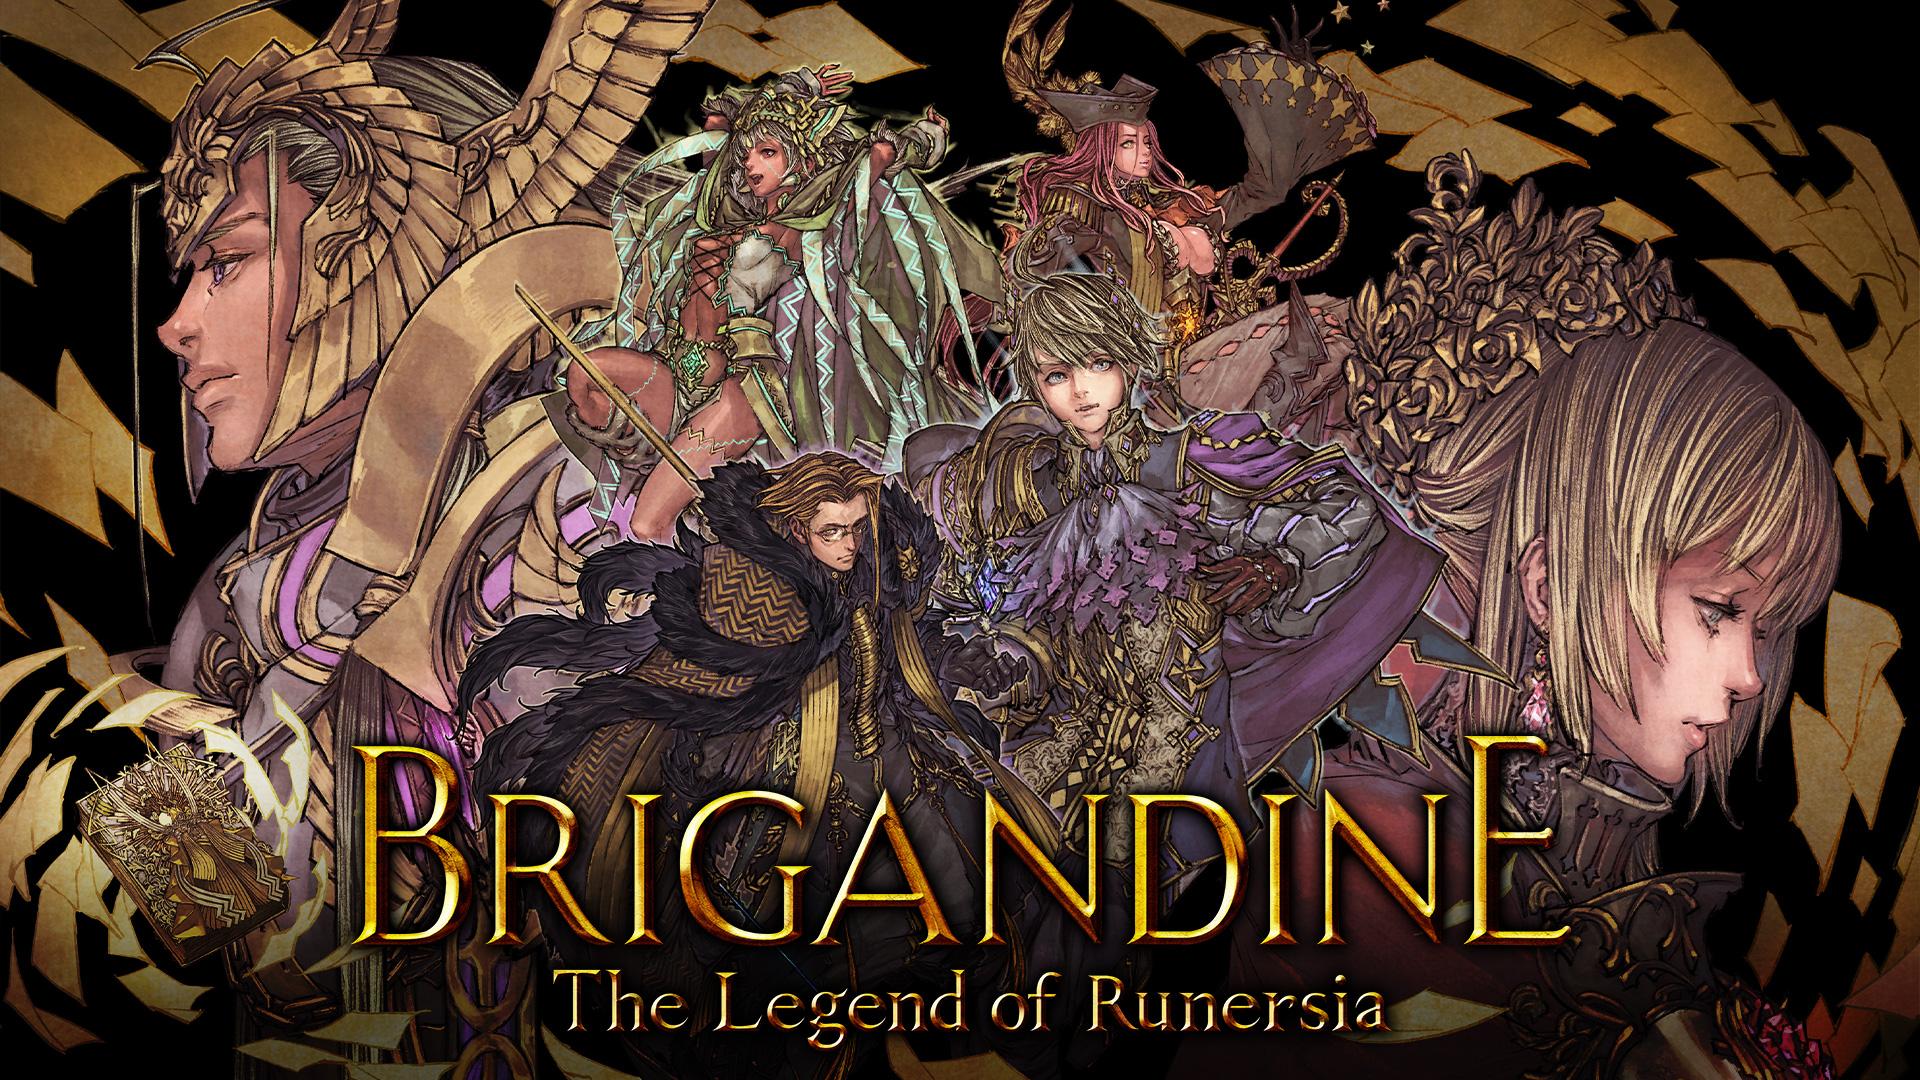 Brigandine